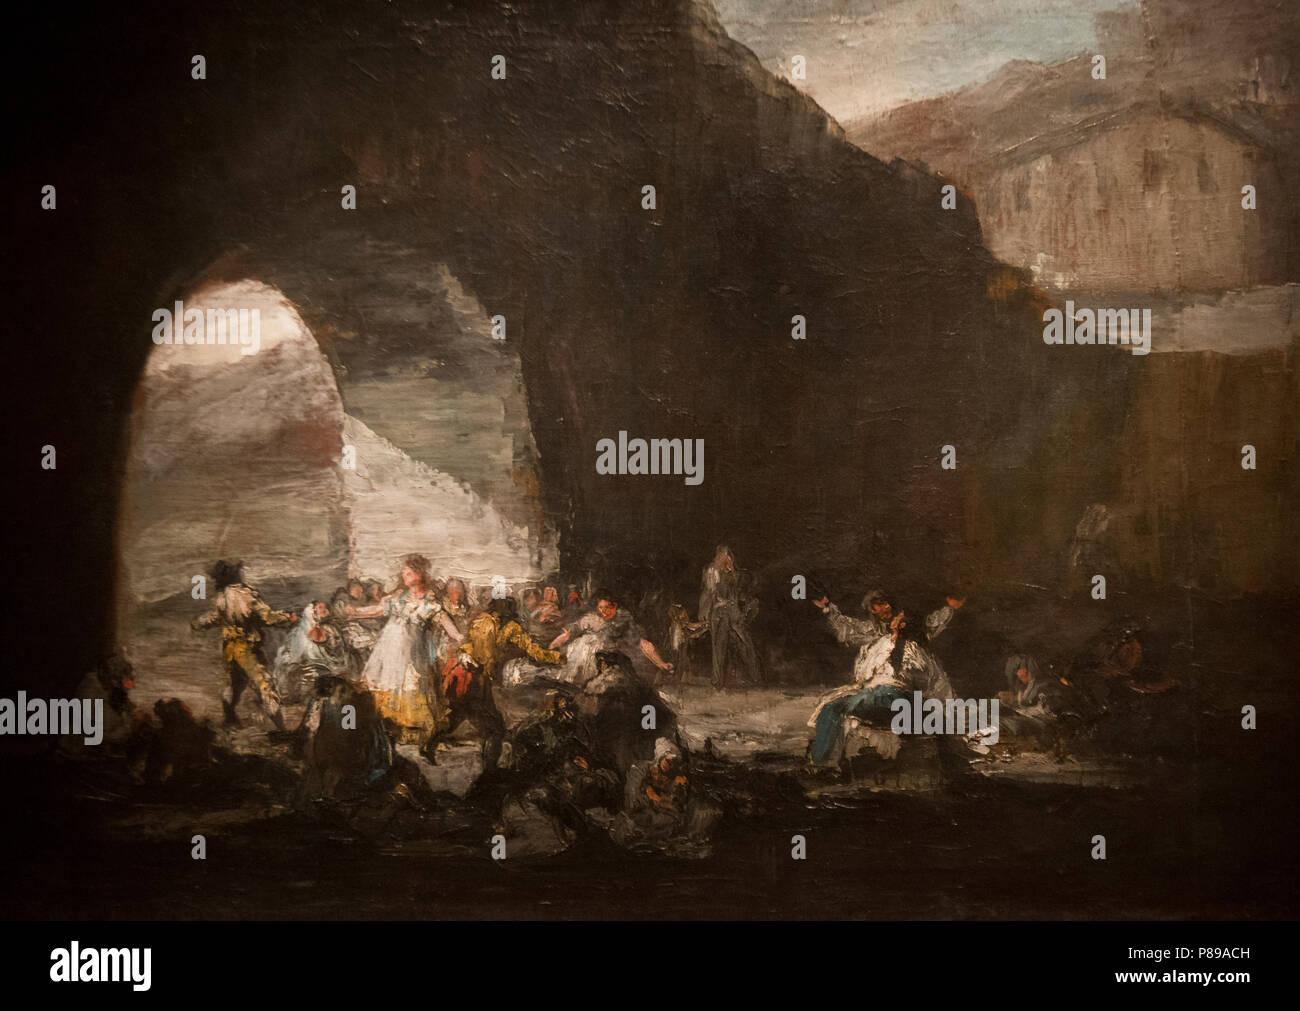 Francisco de Goya y Lucientes - Fiesta popular bajo un puente (1808-12) - Stock Image